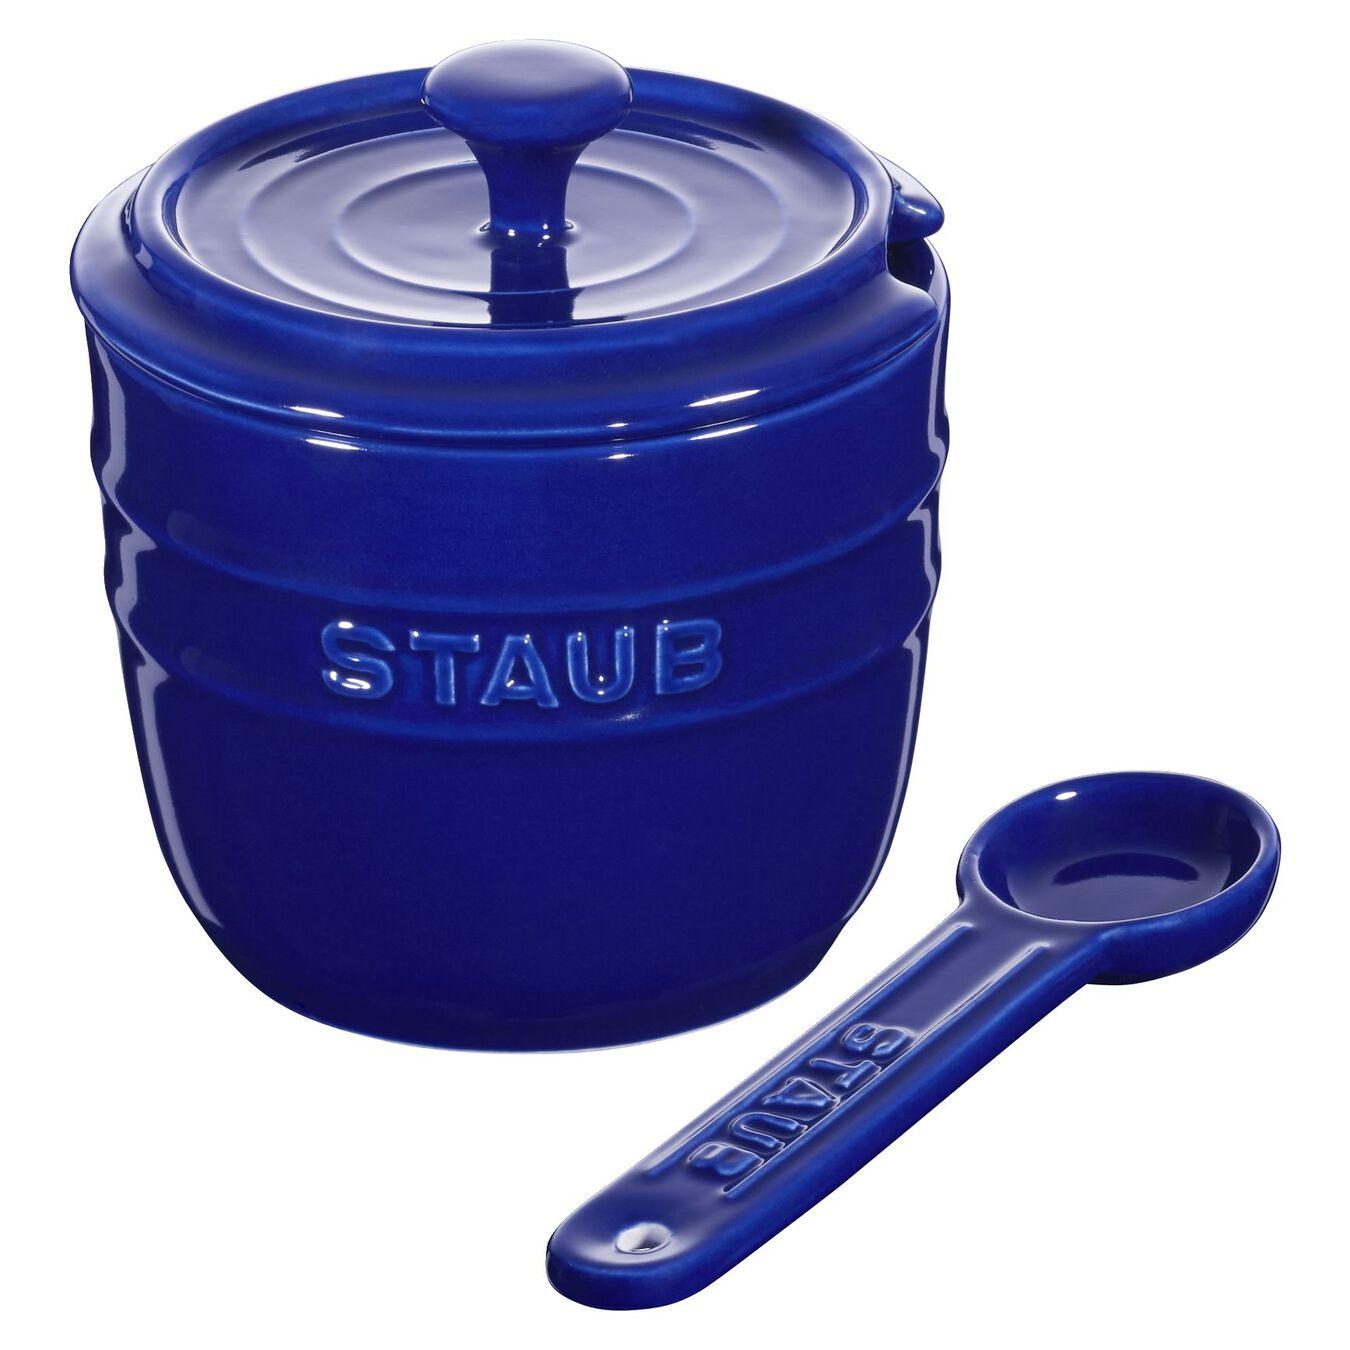 Zuccheriera con cucchiaino rotonda - 9 cm, blu scuro,,large 2